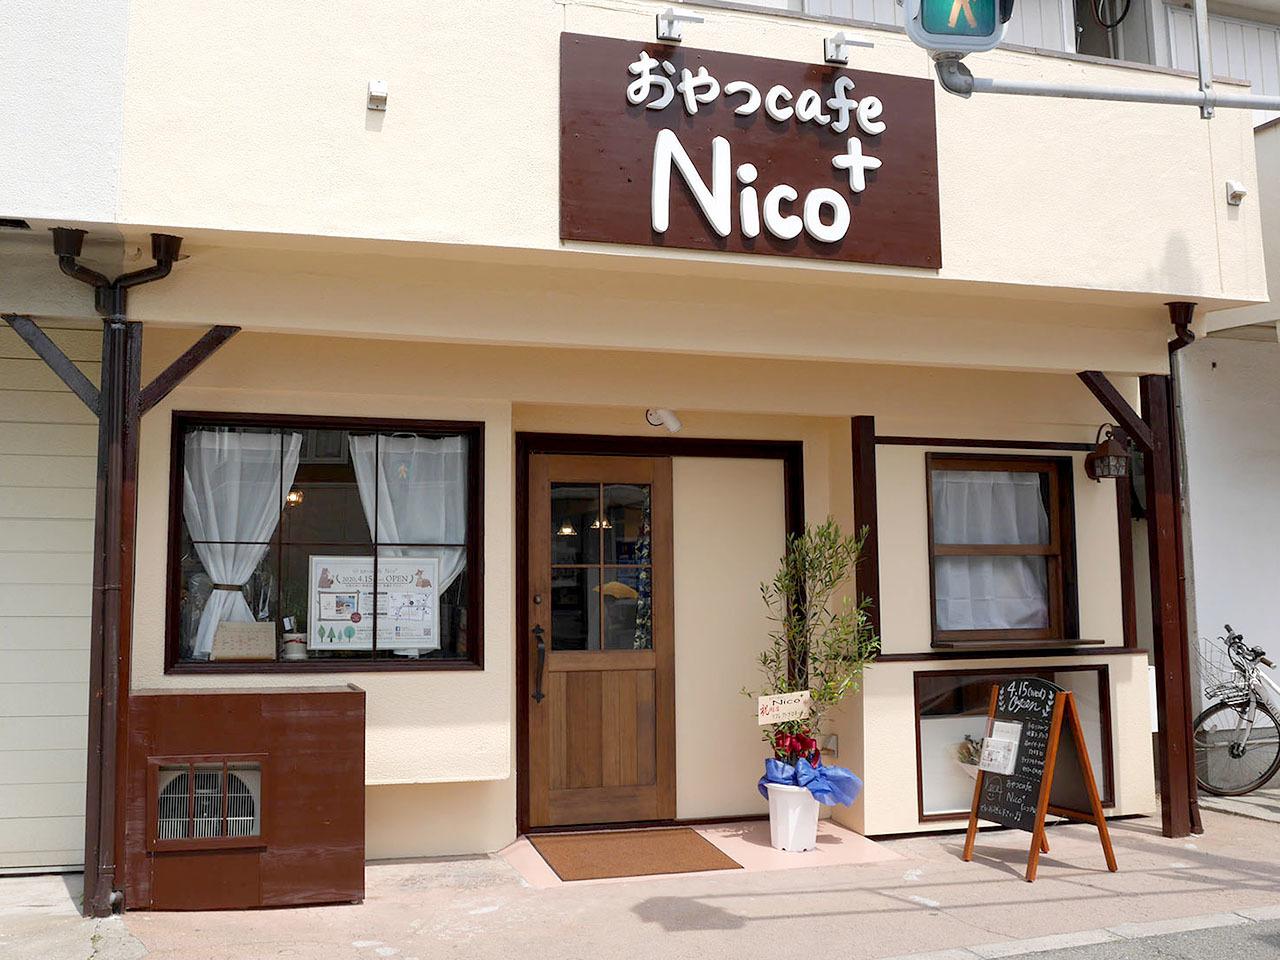 明石市荷山町|「おやつcafe Nico+」さん 2020年4月15日オープン!_a0129705_03052173.jpg